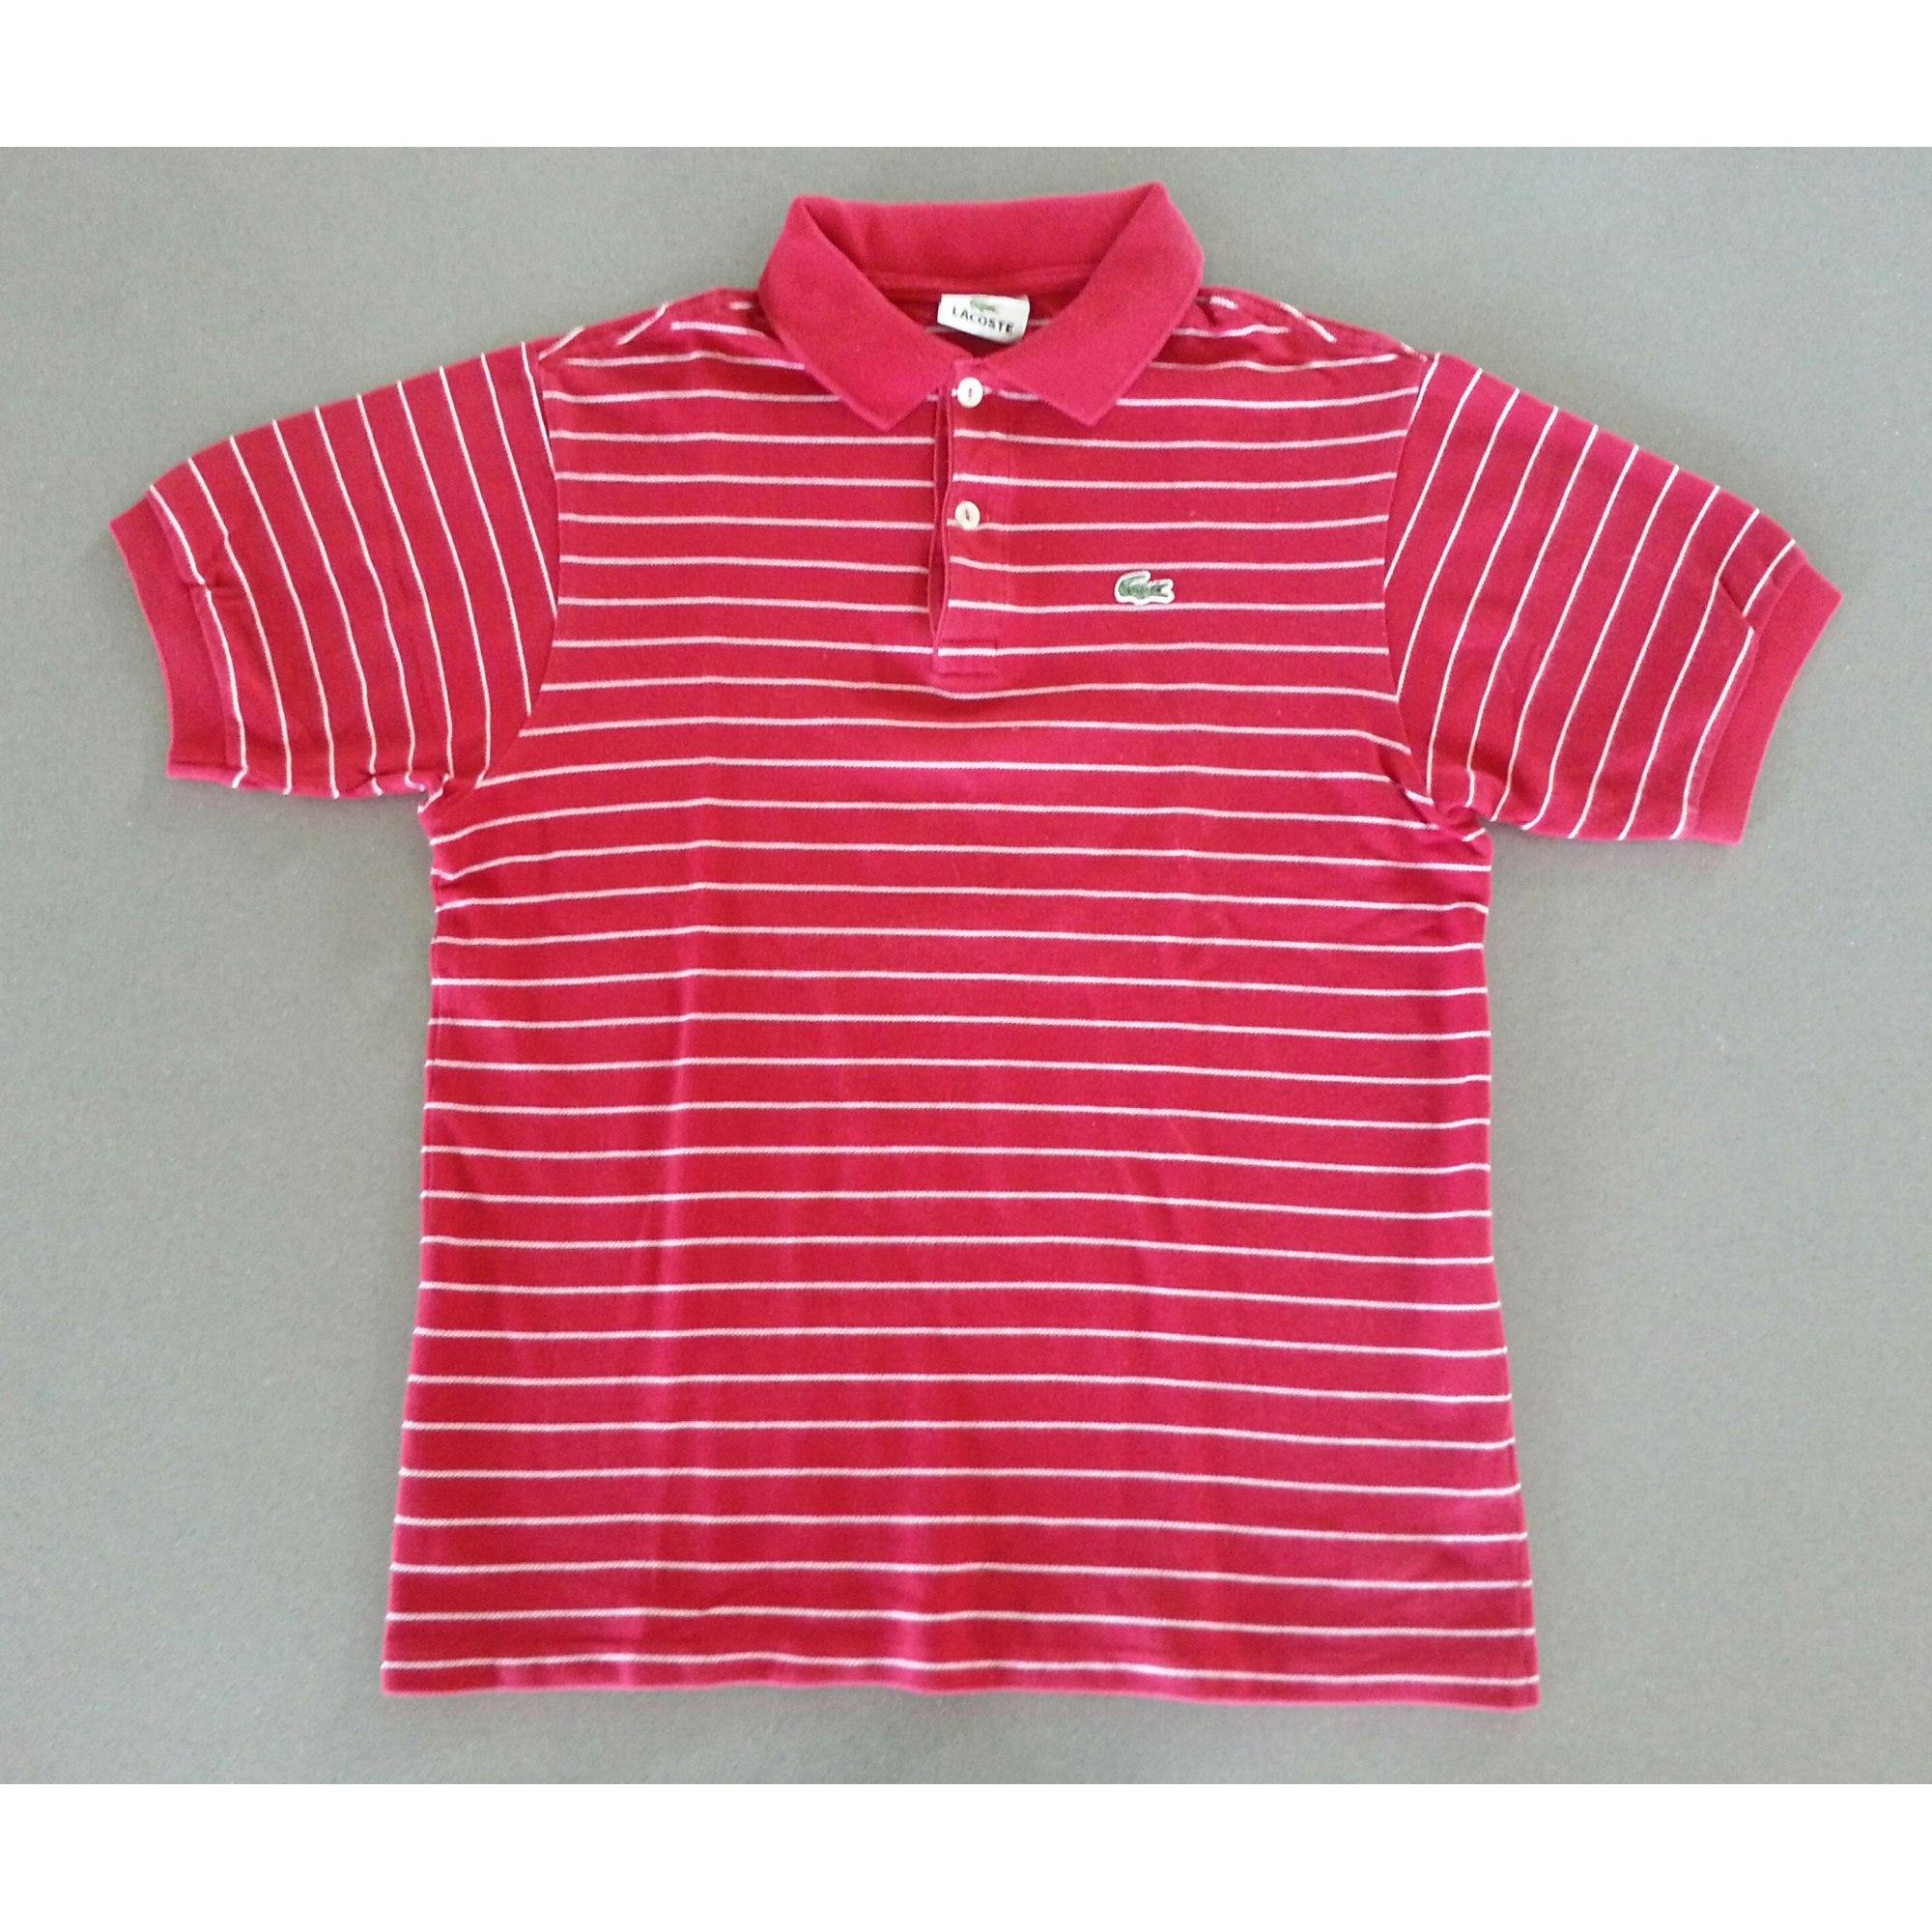 27b3d88cb5 Polo LACOSTE 15-16 ans rouge vendu par Anthonice - 4867368